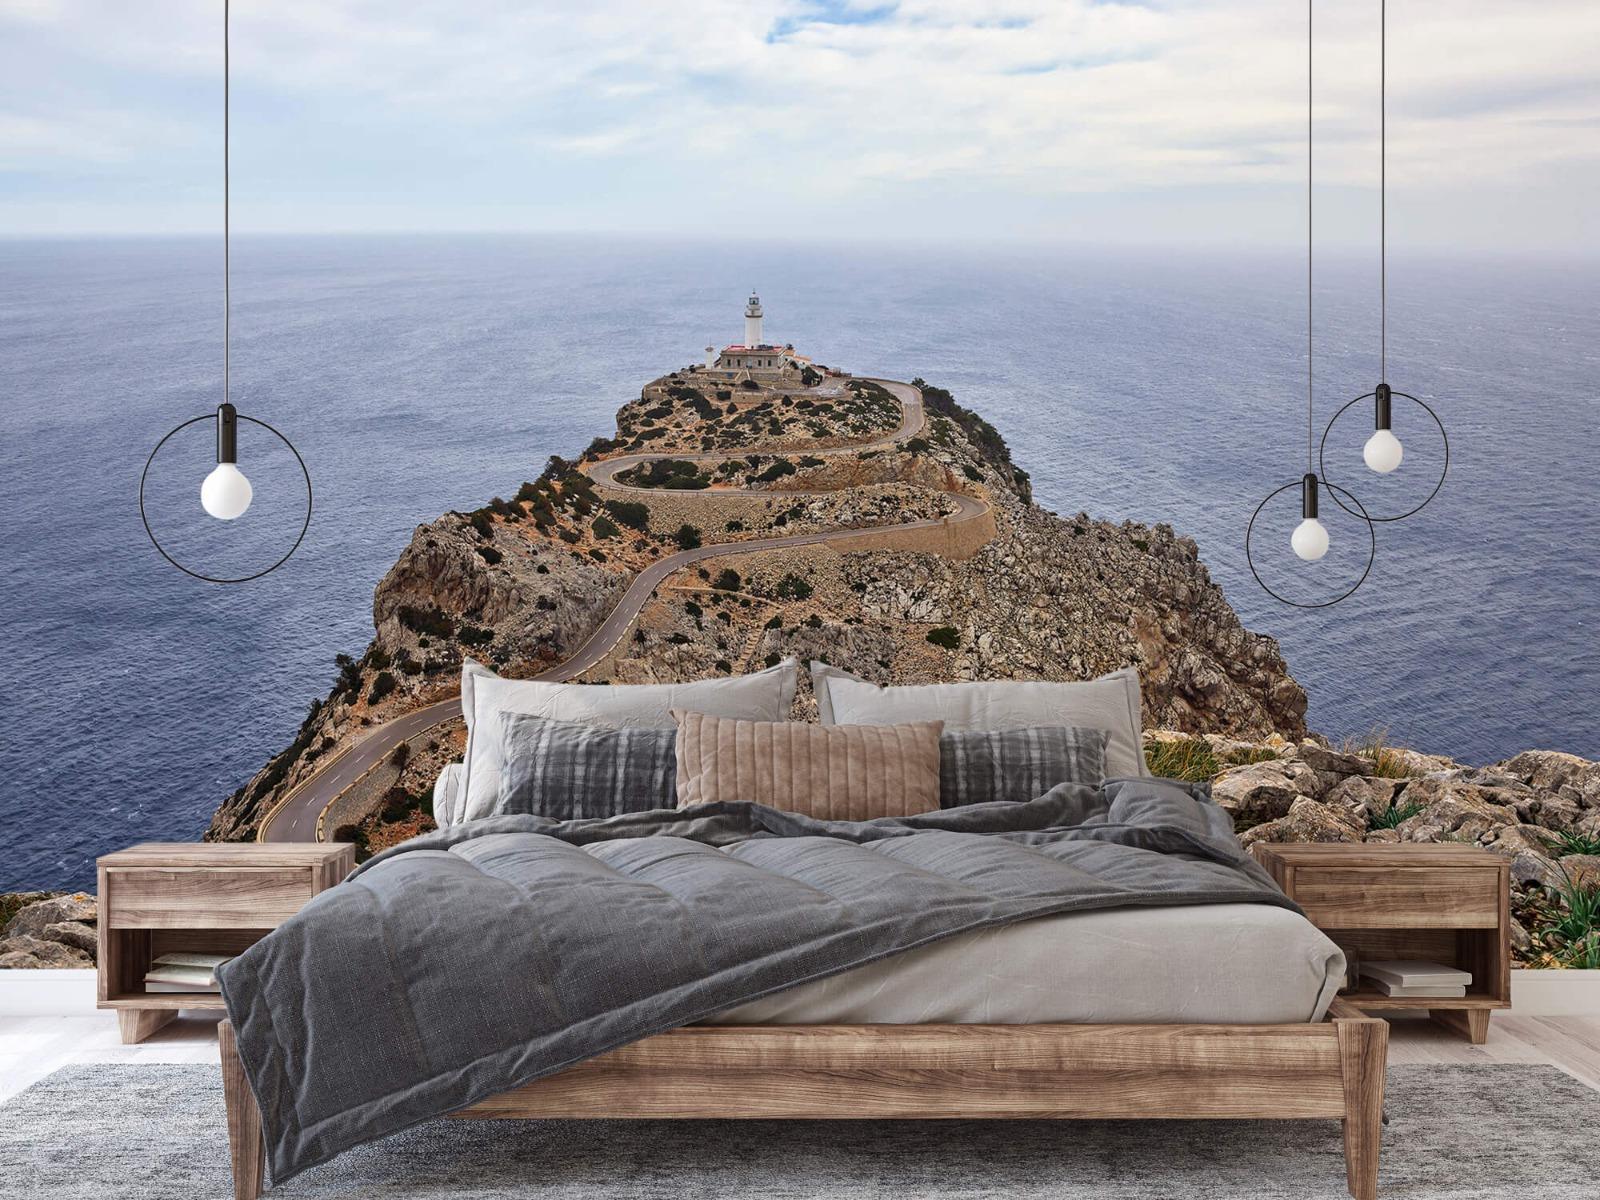 Landschap - Vuurtoren op een rots - Slaapkamer 2